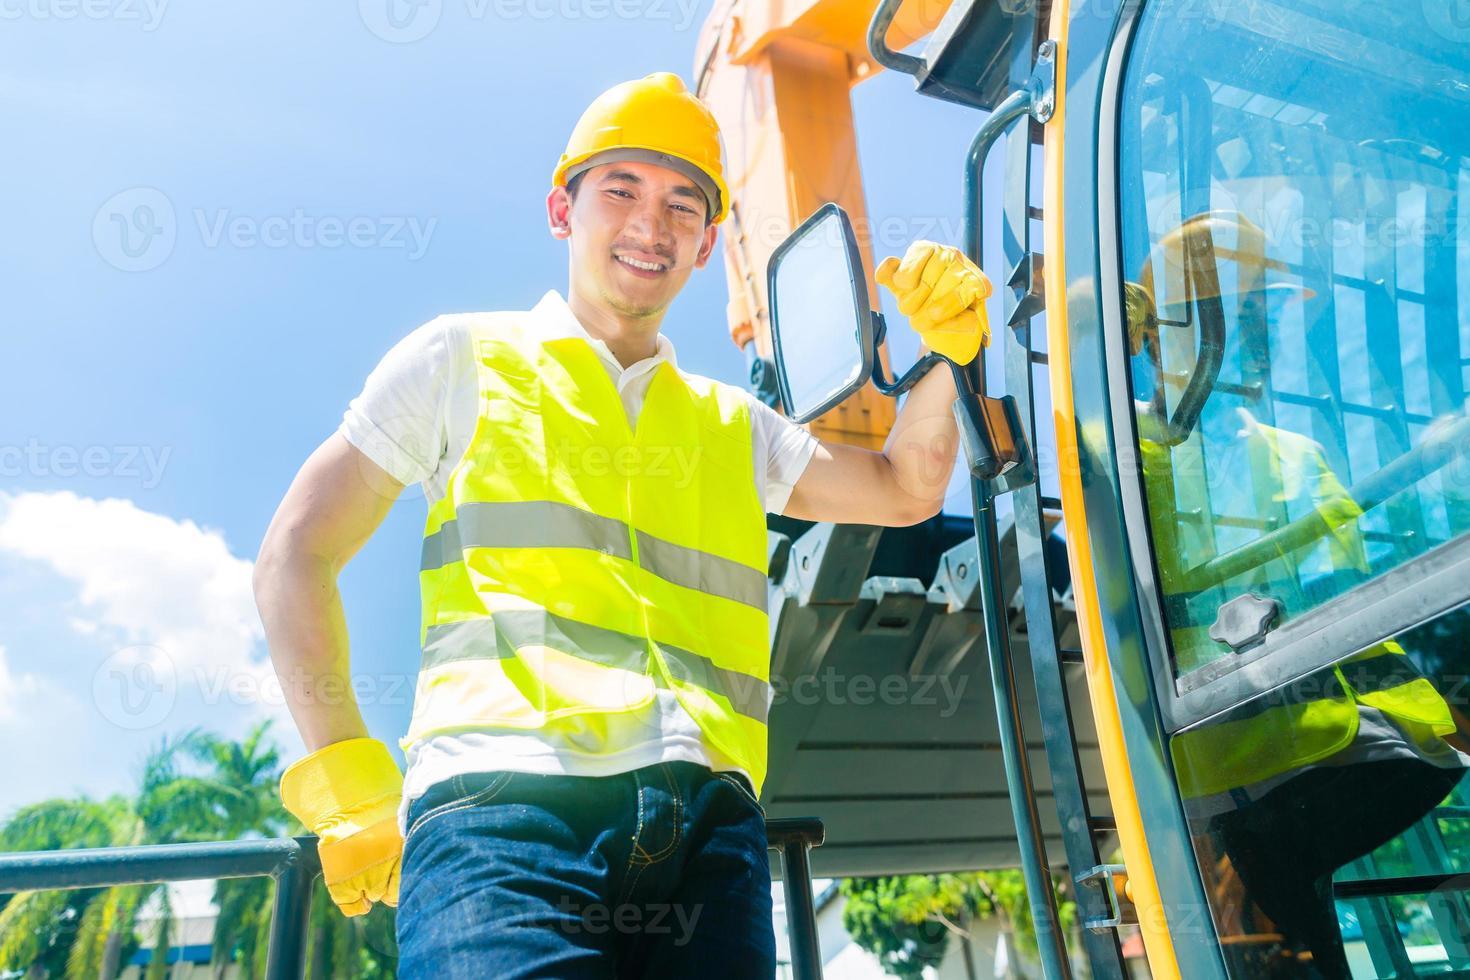 asiatischer Baumeister mit Bagger auf der Baustelle foto